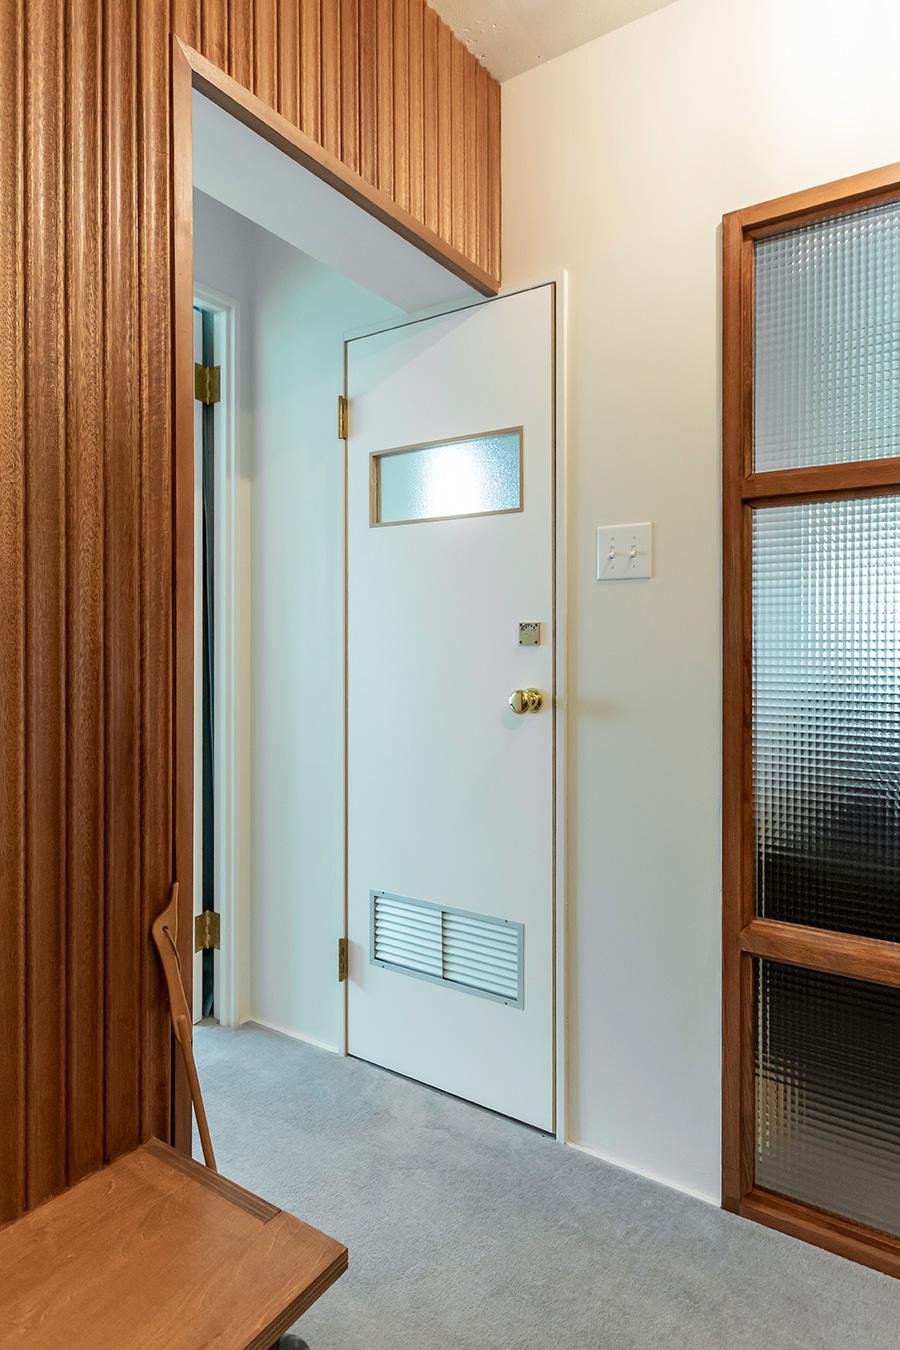 高さはトイレのドアに合わせて統一感を。